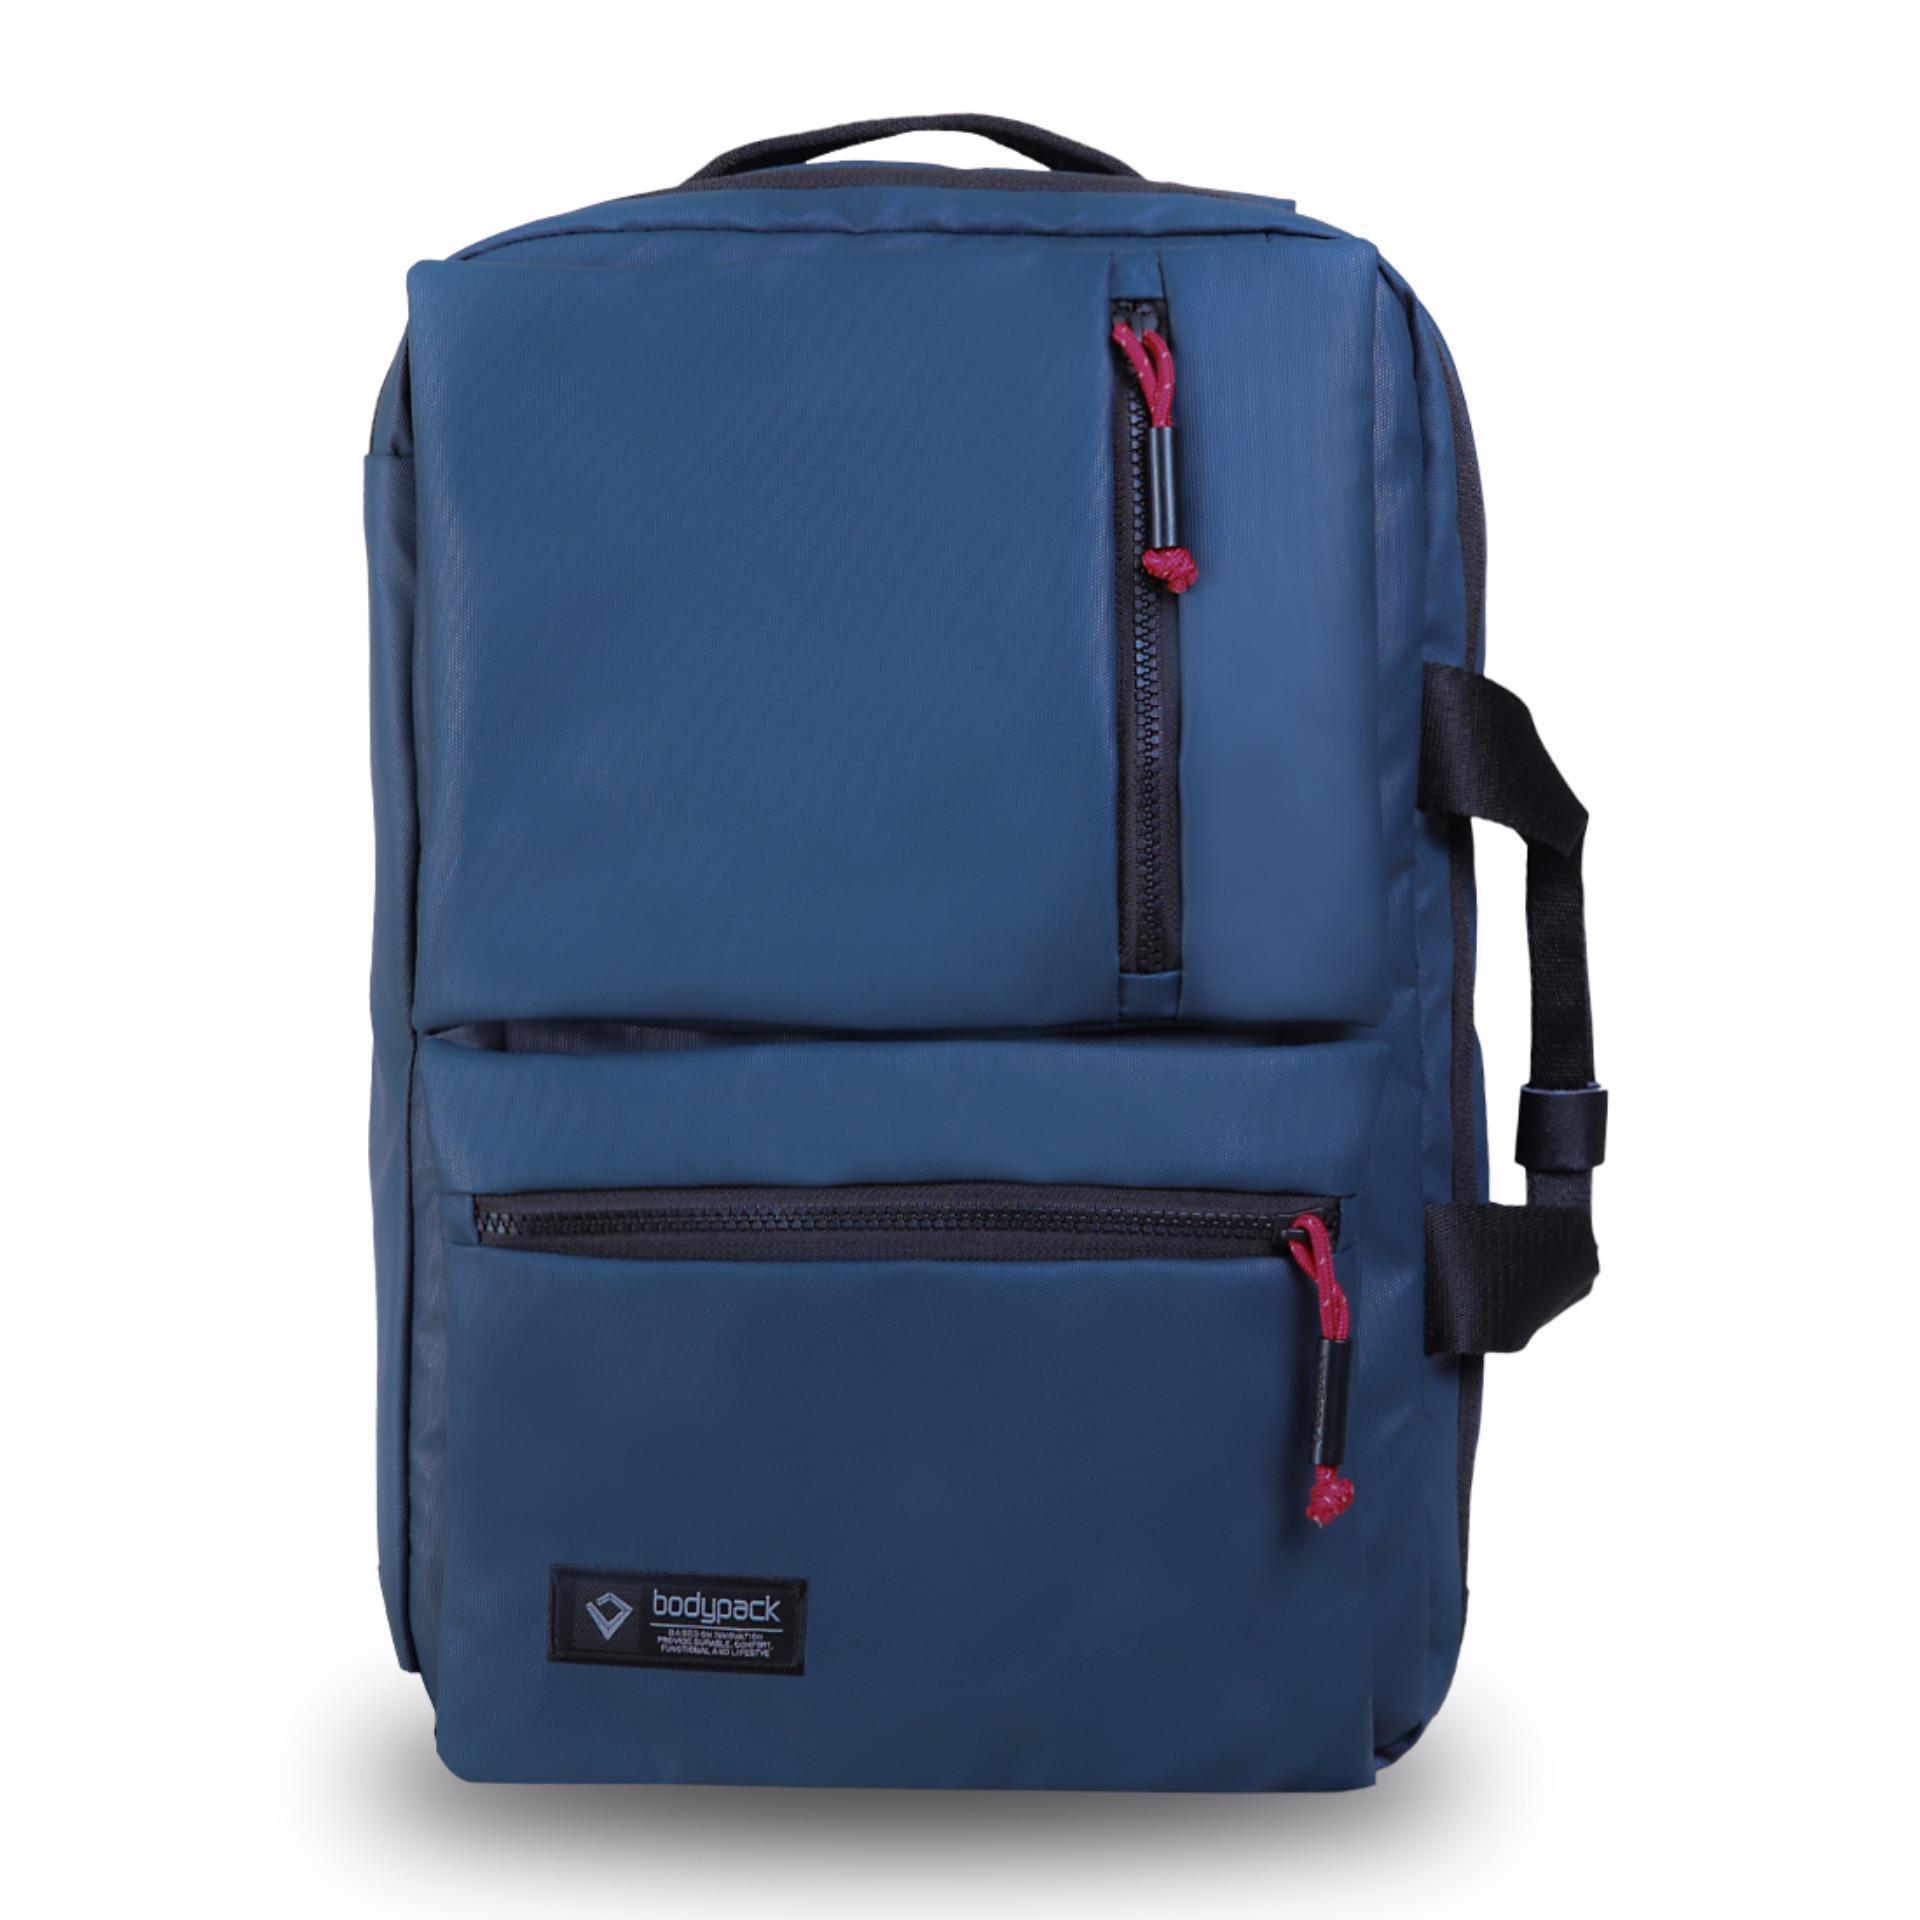 Katalog Bodypack Tas Laptop Trilogic Pria Purposive Biru Terbaru